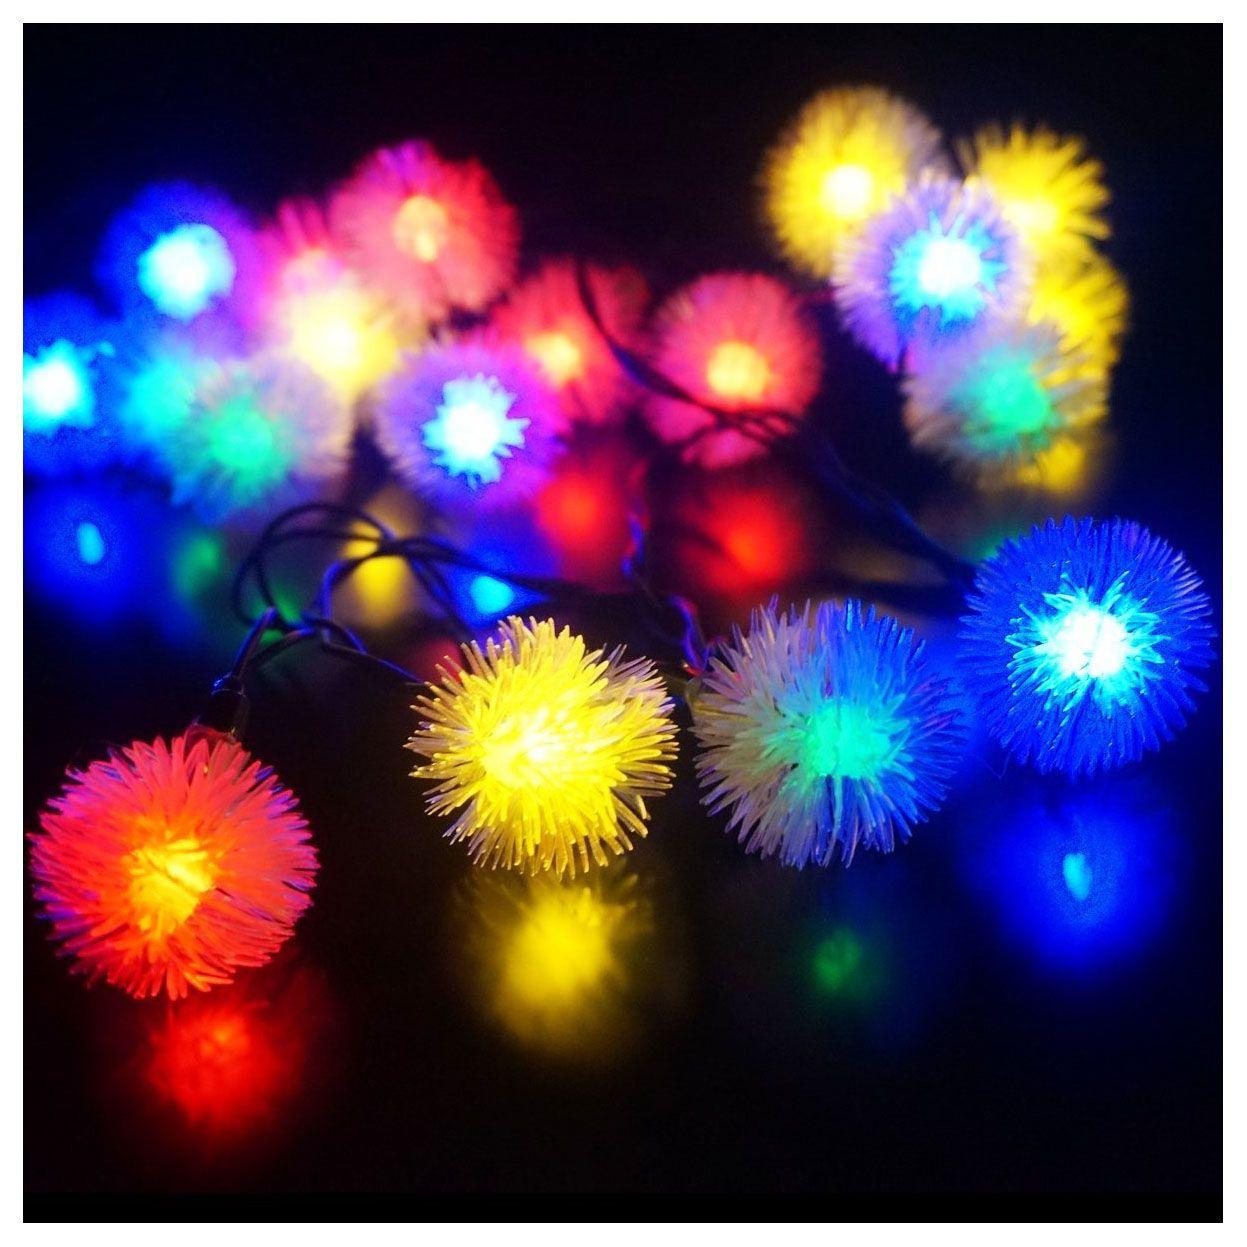 LED 4.8 m 20 LED Solaire Extérieure Cordes Fée Lumières Boule De Neige Solaire Alimenté pour L'extérieur Garden Patio Party De Noël Coloré